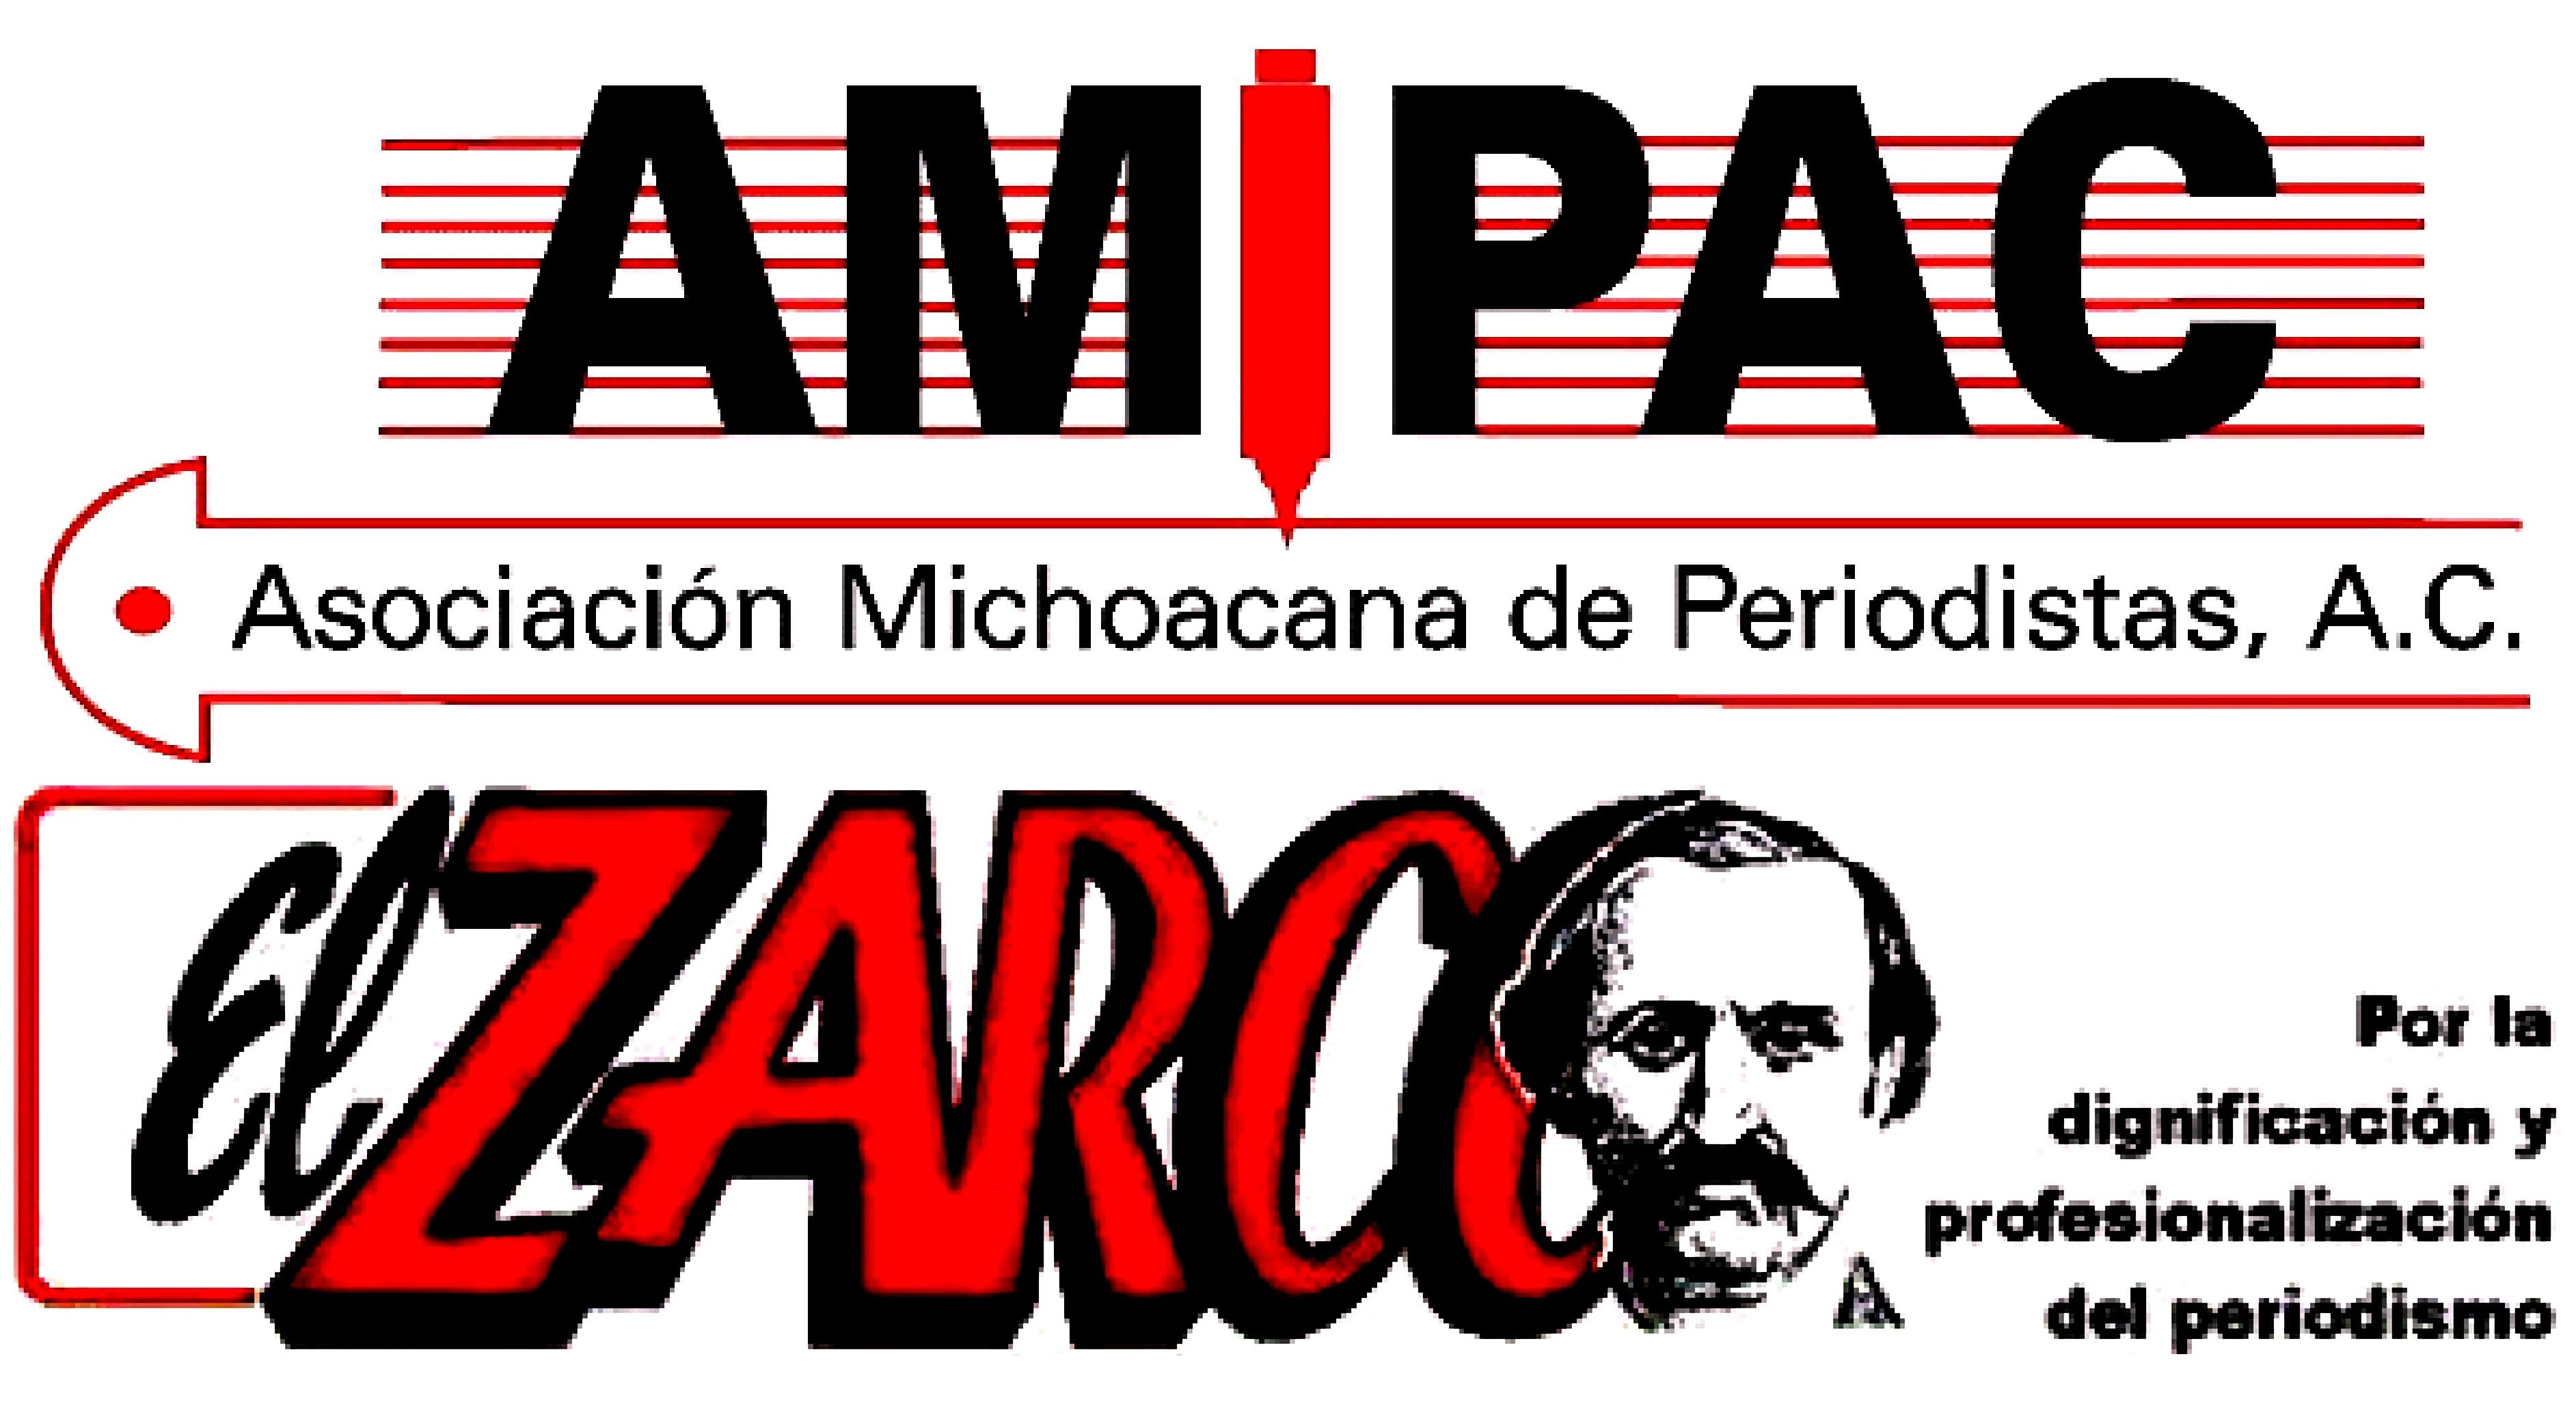 AMIPAC y El Zarco. Logotipos